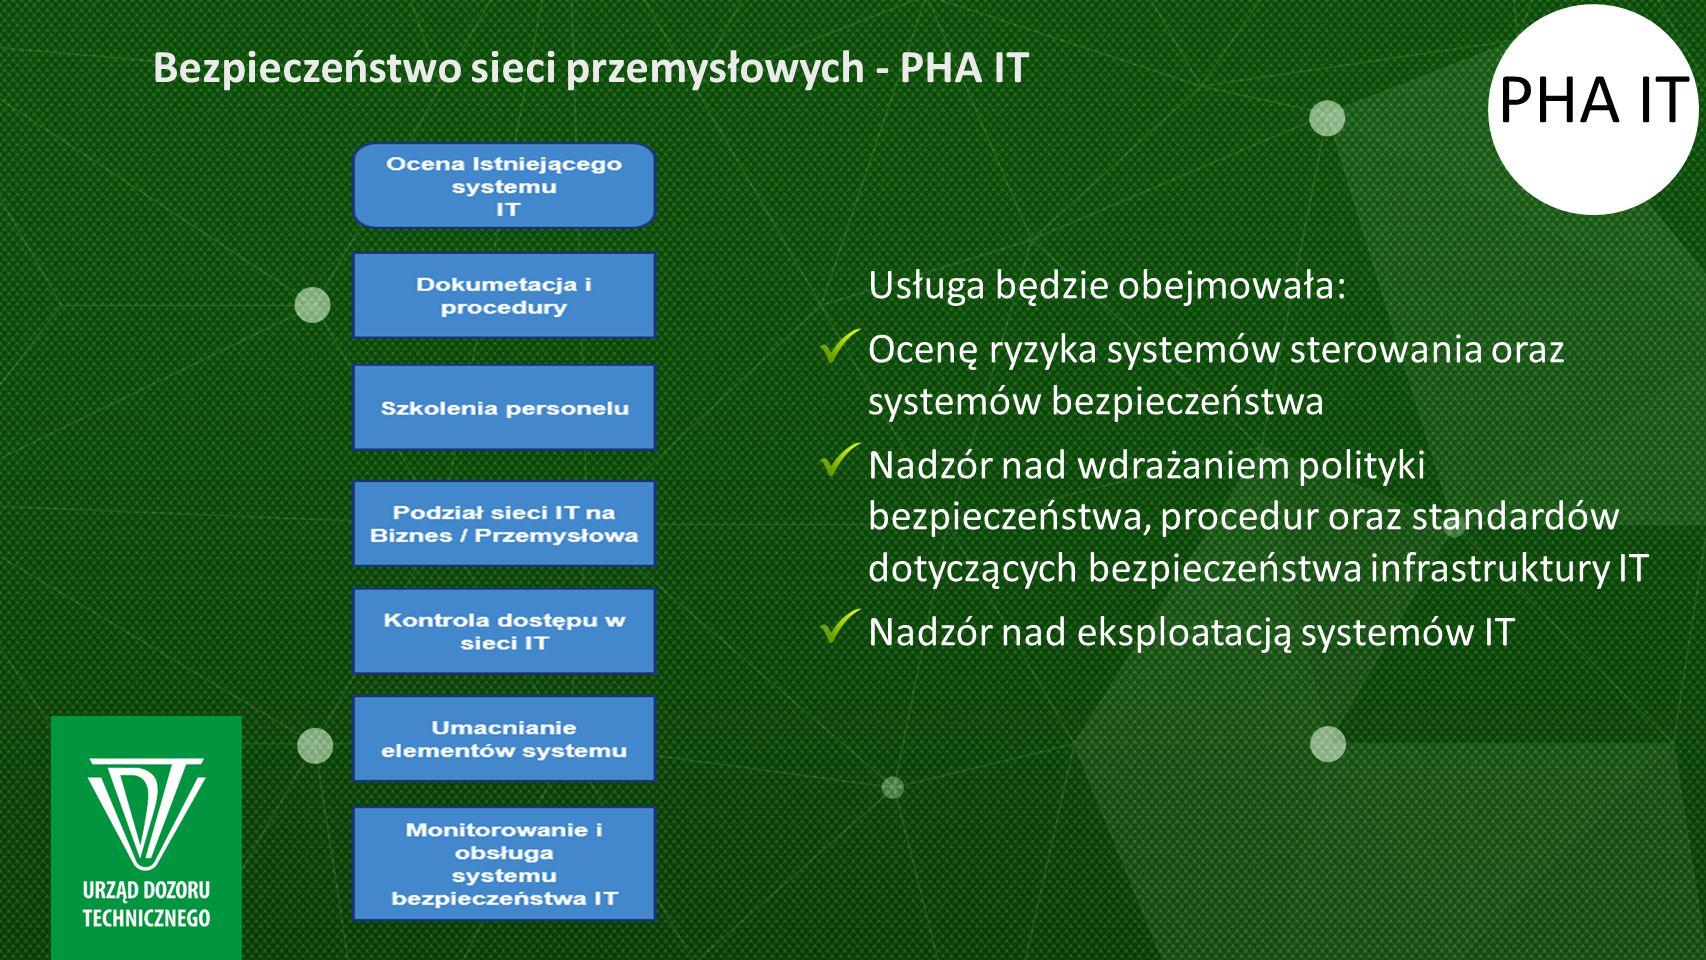 PHA IT Usługa będzie obejmowała: Ocenę ryzyka systemów sterowania oraz systemów bezpieczeństwa Nadzór nad wdrażaniem polityki bezpieczeństwa, procedur